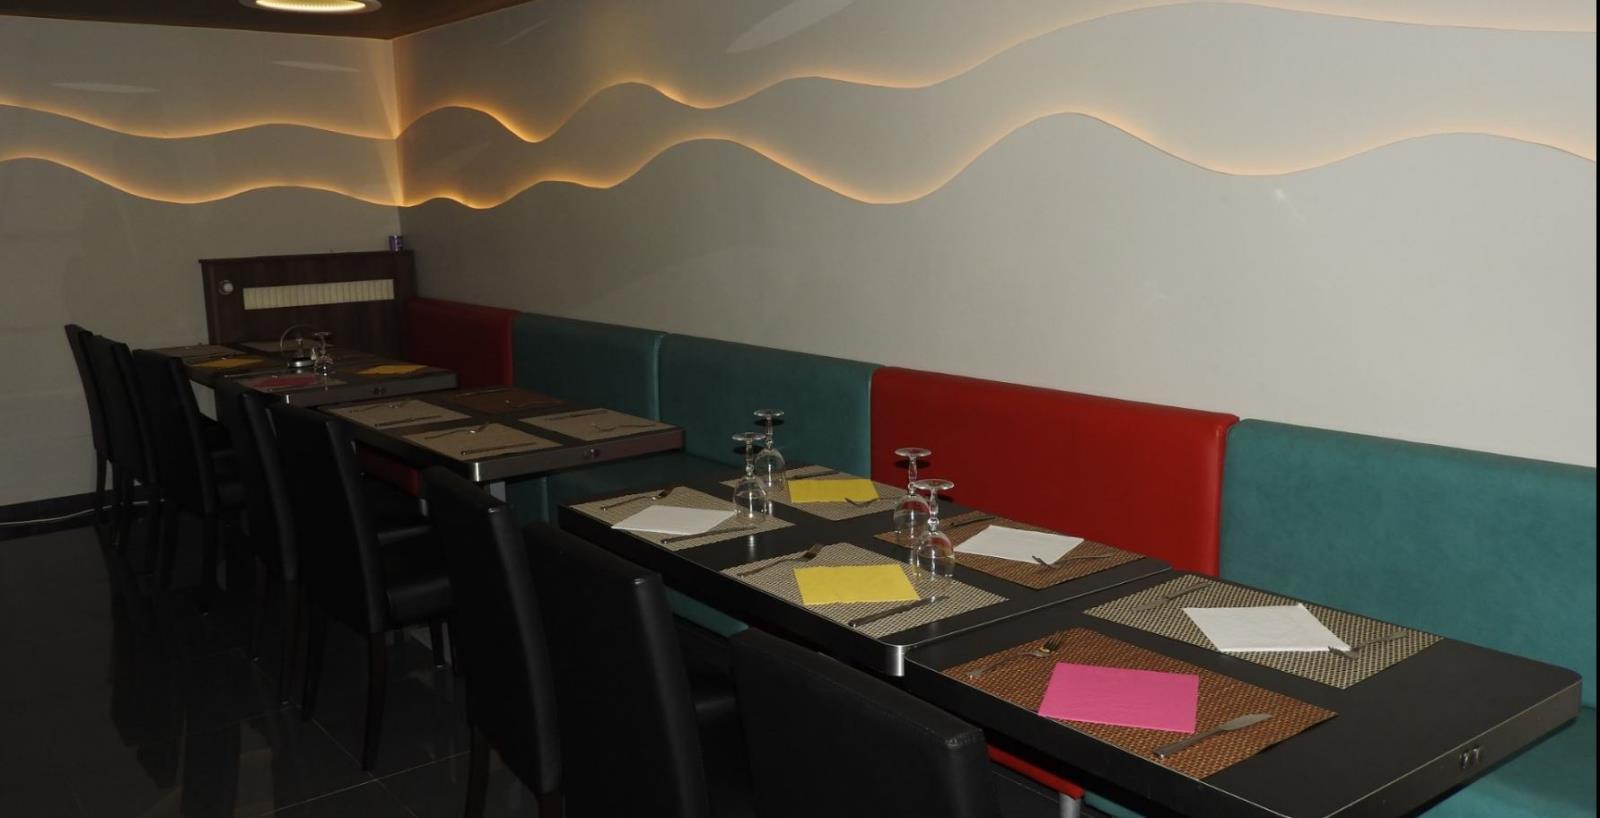 Restaurant Chinois Livraison Domicile